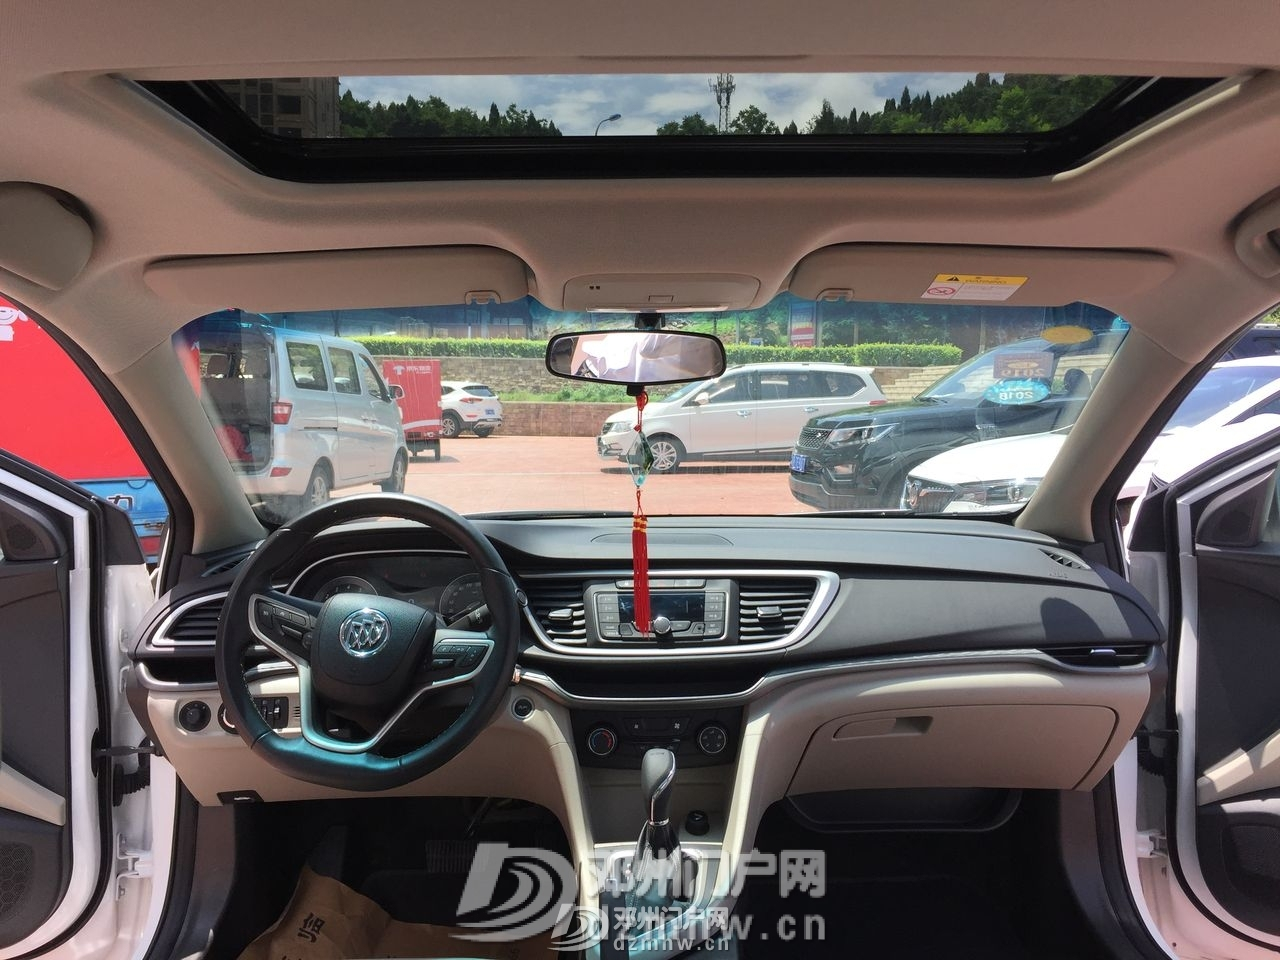 分期购车  一成首付 - 邓州门户网|邓州网 - 5.jpg